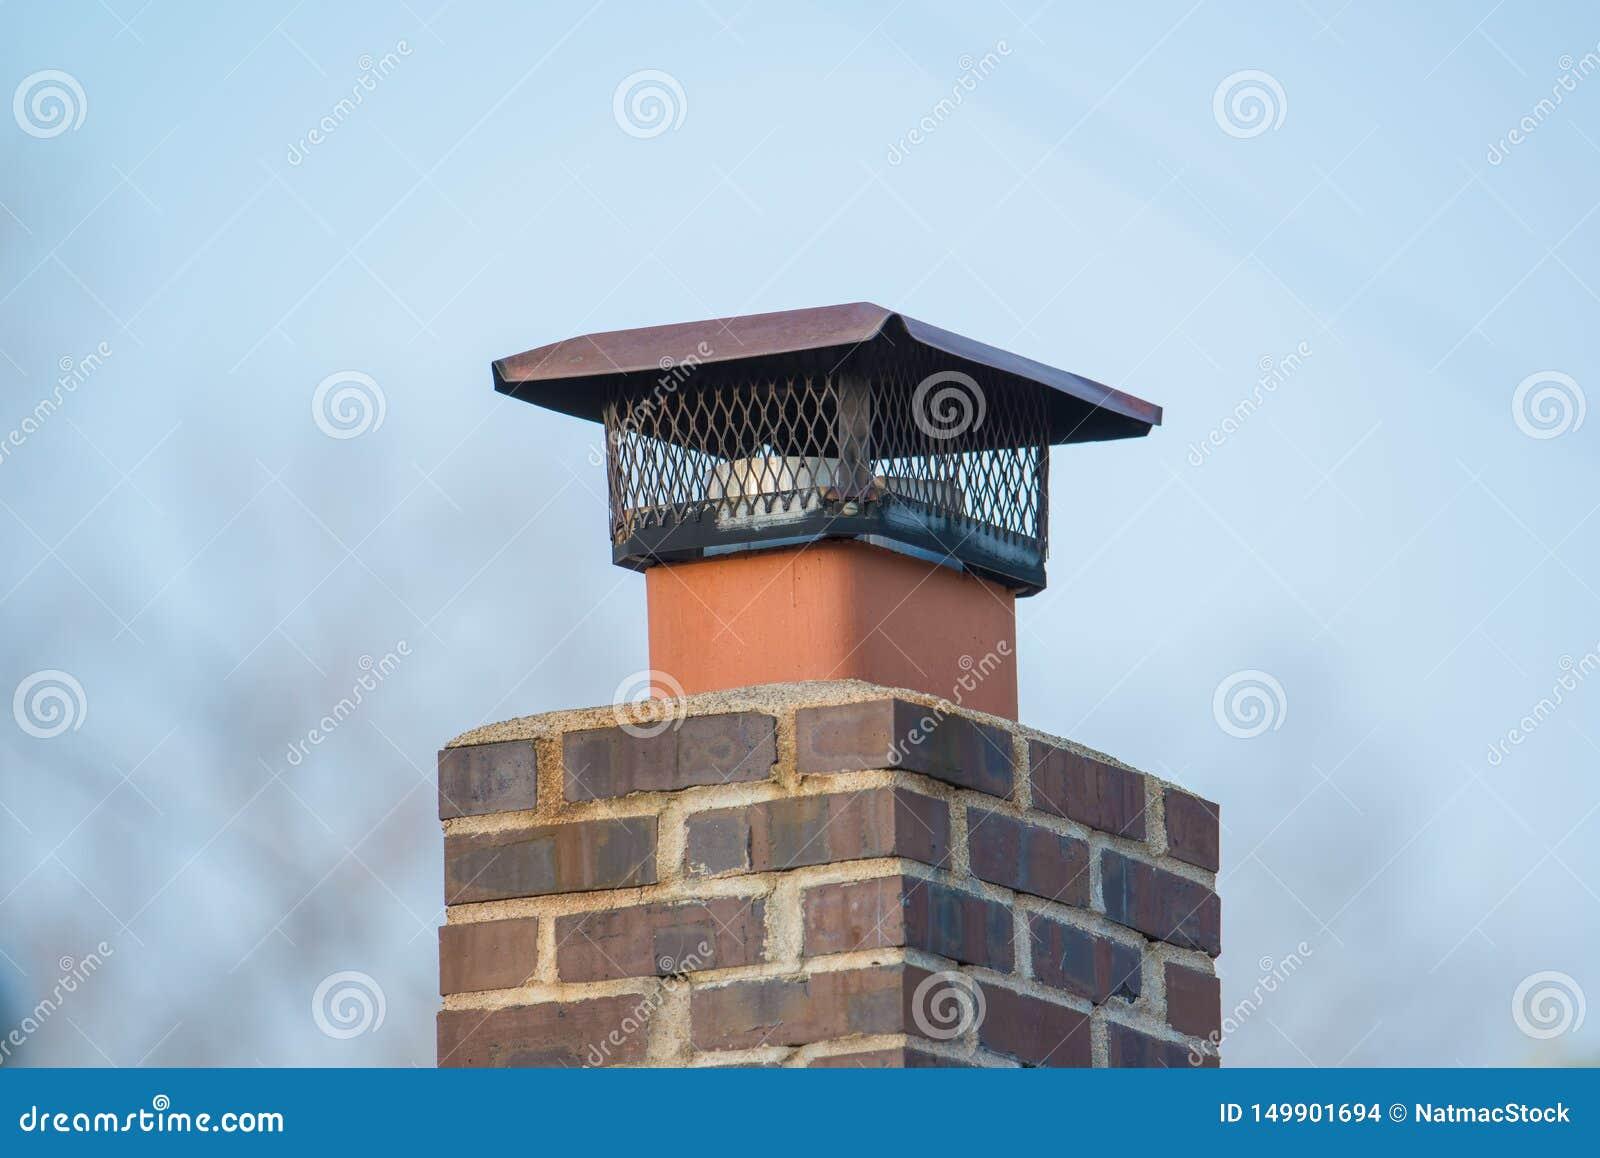 Conduit De Cheminee En Brique Rouge cheminée de brique avec le rongeur et le parasite clôturant